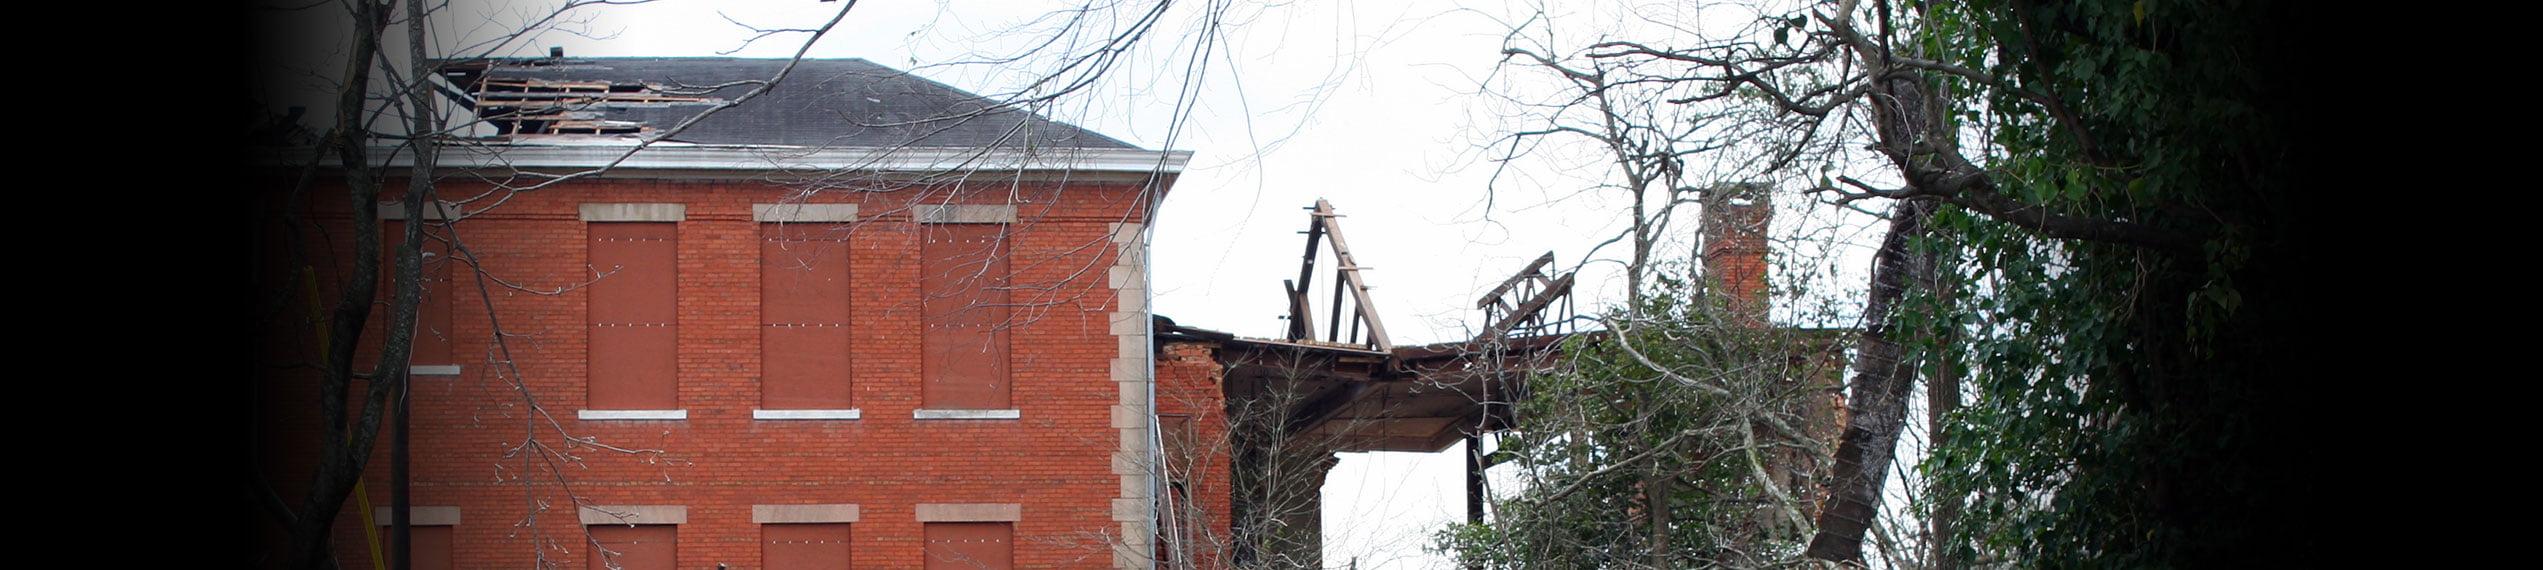 Wind & Storm Damage Repairs in Paul Davis Restoration of Howard And Anne Arundel Counties